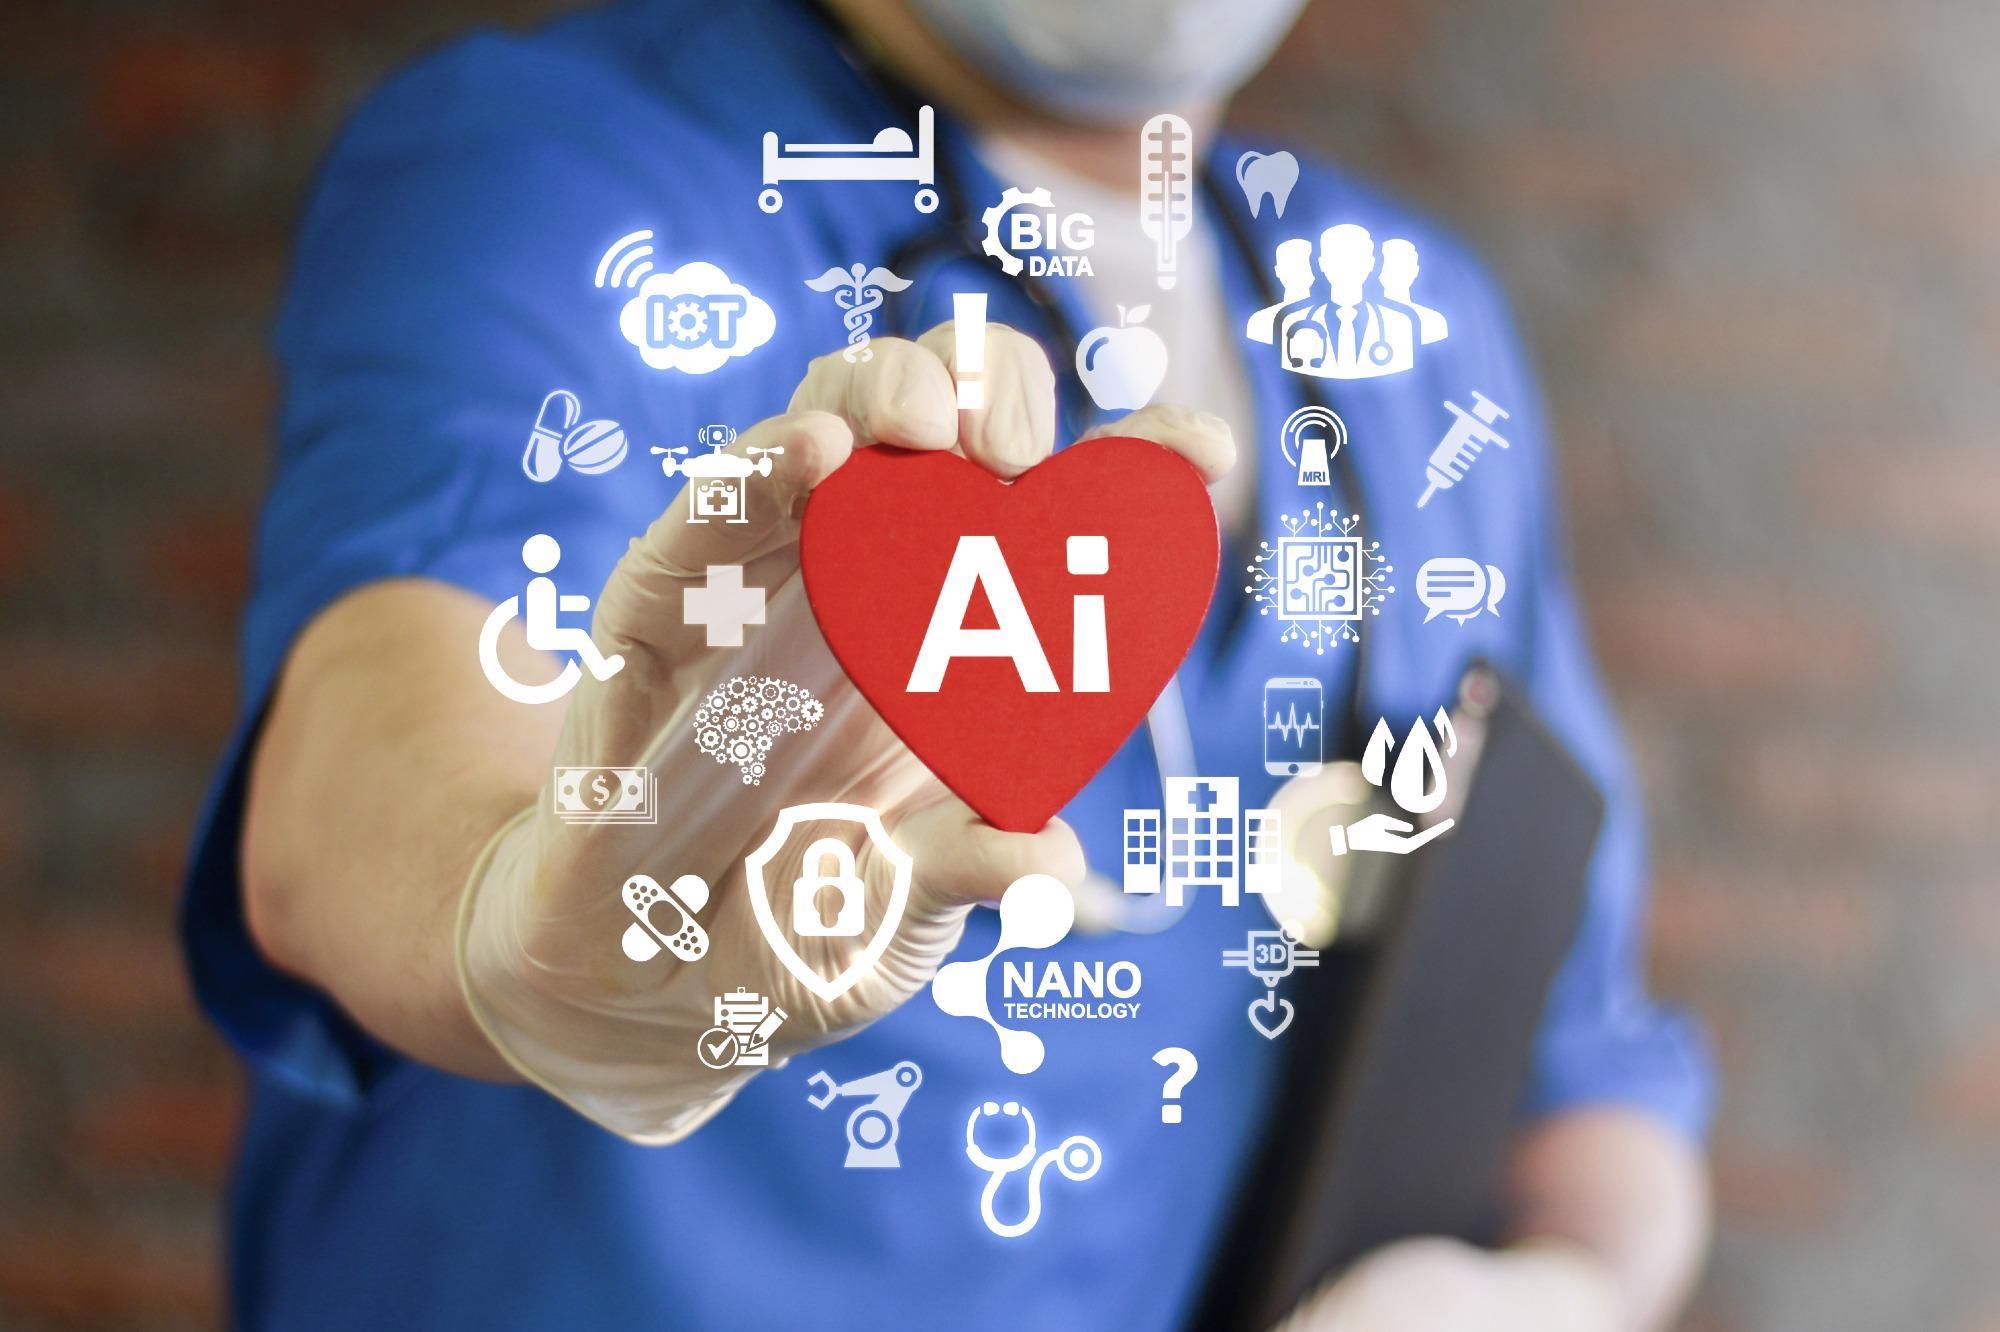 新的研究表明了在常规实践中实现了AI的EKG算法的价值